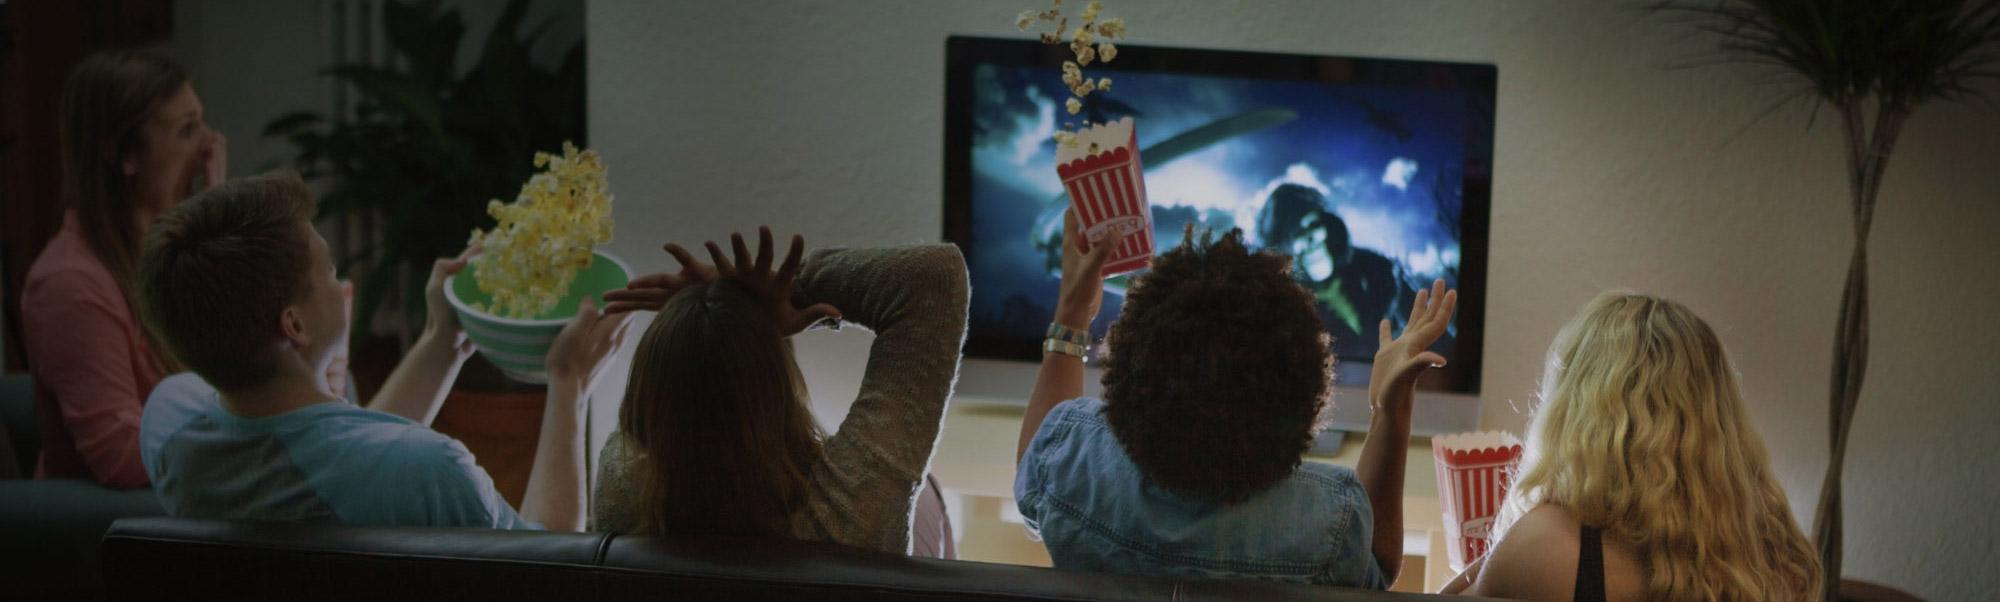 Schau dir die neuesten Filme & Fernsehshows an, wo immer du bist